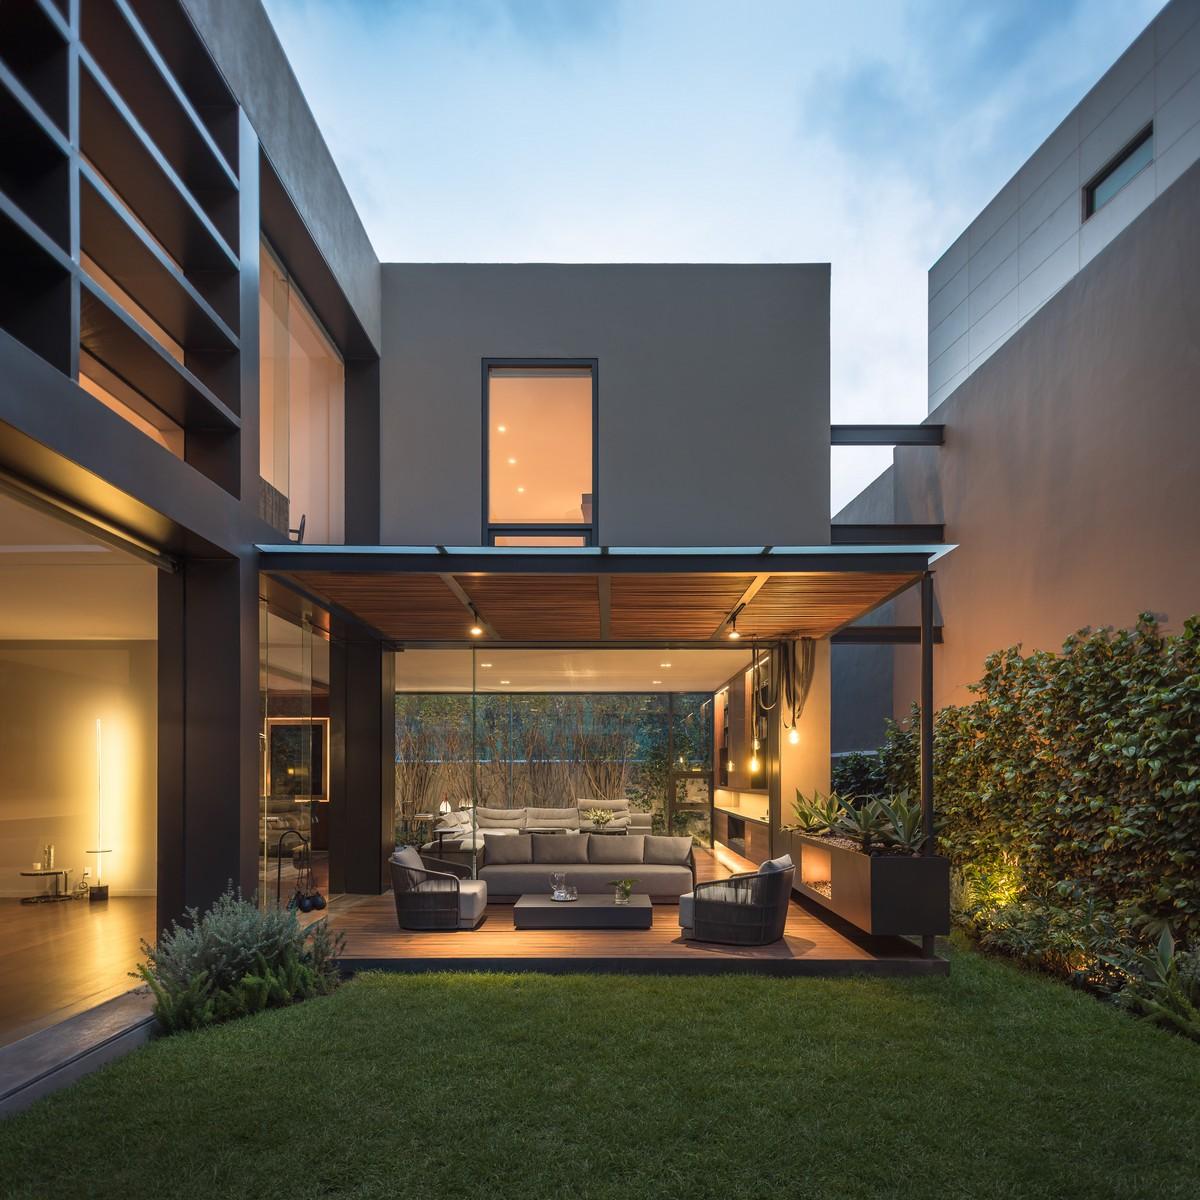 Estudio de Interiores: Weber Arquitectos crea lujuosos y exclusivos ambientes estudio de interiores Estudio de Interiores: Weber Arquitectos crea lujuosos y exclusivos ambientes 20190621 WEBER 06 0854 0857